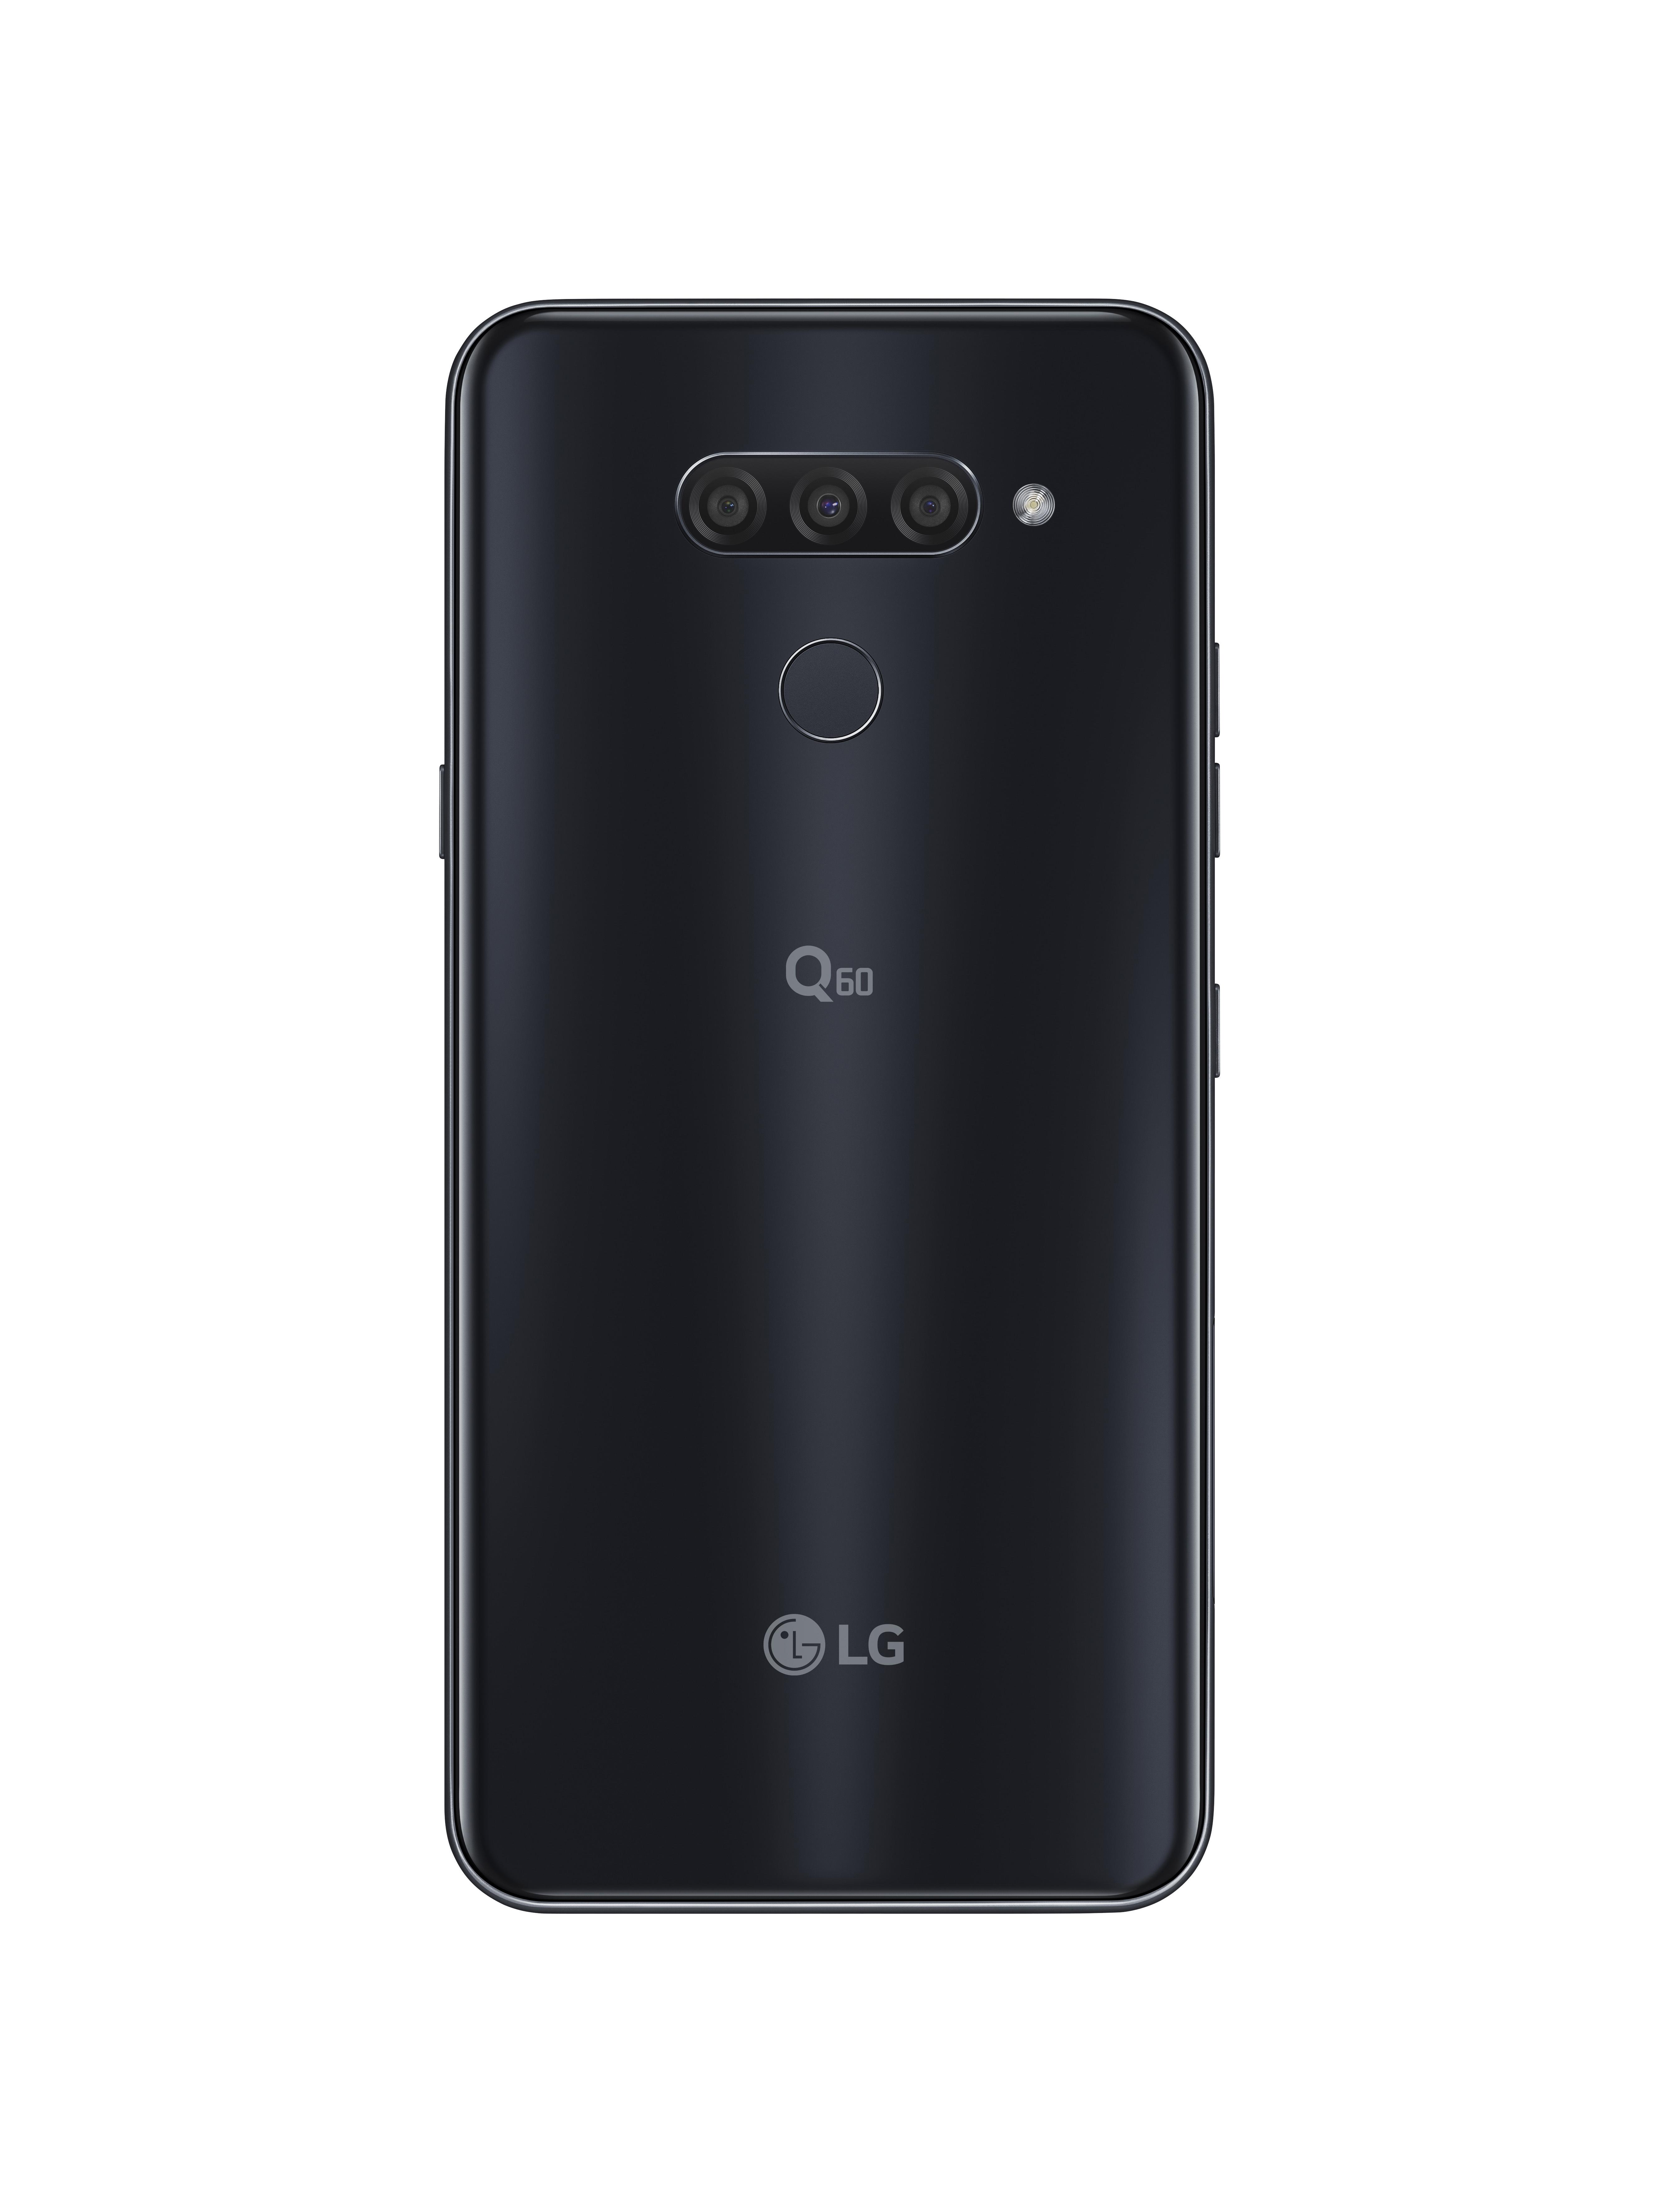 LG Q60 - B-Ware